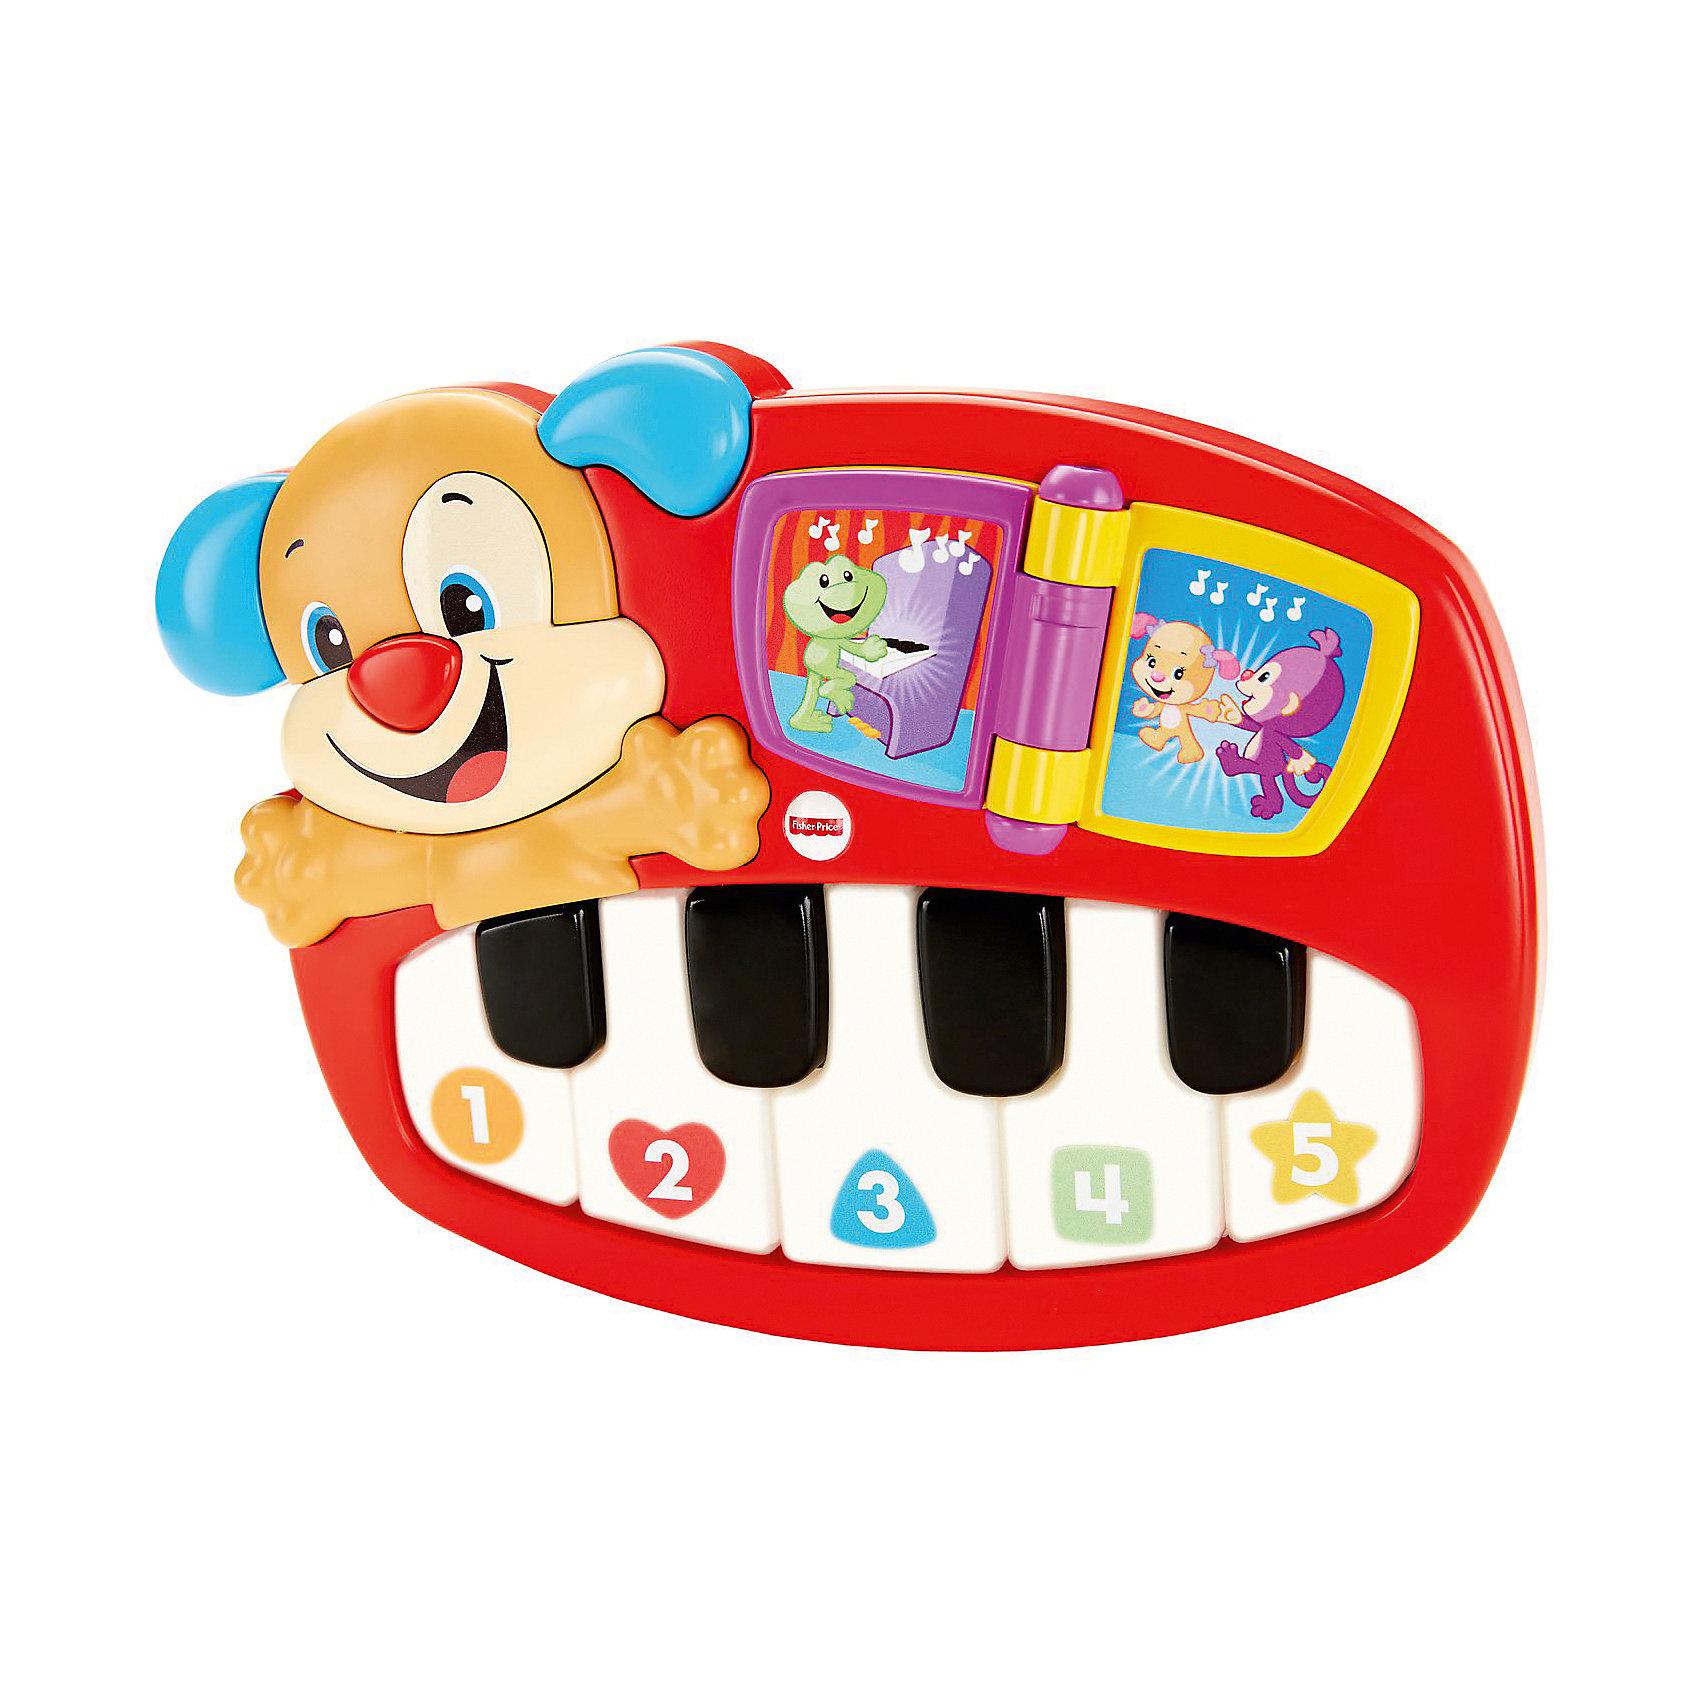 Пианино-щенок, Fisher-priceДетские музыкальные инструменты<br>Пианино-щенок, Fisher-price (Фишер-прайс) – эта развивающая игрушка обязательно понравится вашему малышу и не позволит ему скучать!<br>Веселый щенок и его пианино с музыкальными и световыми эффектами помогут малышу учиться с радостью! У пианино 2 режима игры: учебный и музыкальный. Благодаря им, малыш узнает о разных цветах, числах, формах, выучит буквы, первые слова, а также поиграет на пианино! Малыш легко создаст свою собственную мелодию, нажимая, на пять подсвечиваемых клавиш пианино, а дружелюбный щенок и интерактивная книжечка, которую можно листать, сделают игру еще интереснее. Игрушка развивает речь, цветовое и звуковое восприятие, логическое мышление, причинно-следственные связи, воображение, тактильные ощущения и мелкую моторику рук.<br><br>Дополнительная информация:<br><br>- 30 песенок, фраз и мелодий<br>- На батарейках<br>- Материал: пластик<br>- Размер упаковки: 60 х 265 х 250 мм.<br>- Вес: 772 гр.<br><br>Пианино-щенок, Fisher-price (Фишер-прайс) можно купить в нашем интернет-магазине.<br><br>Ширина мм: 60<br>Глубина мм: 265<br>Высота мм: 250<br>Вес г: 772<br>Возраст от месяцев: 24<br>Возраст до месяцев: 60<br>Пол: Унисекс<br>Возраст: Детский<br>SKU: 4588324